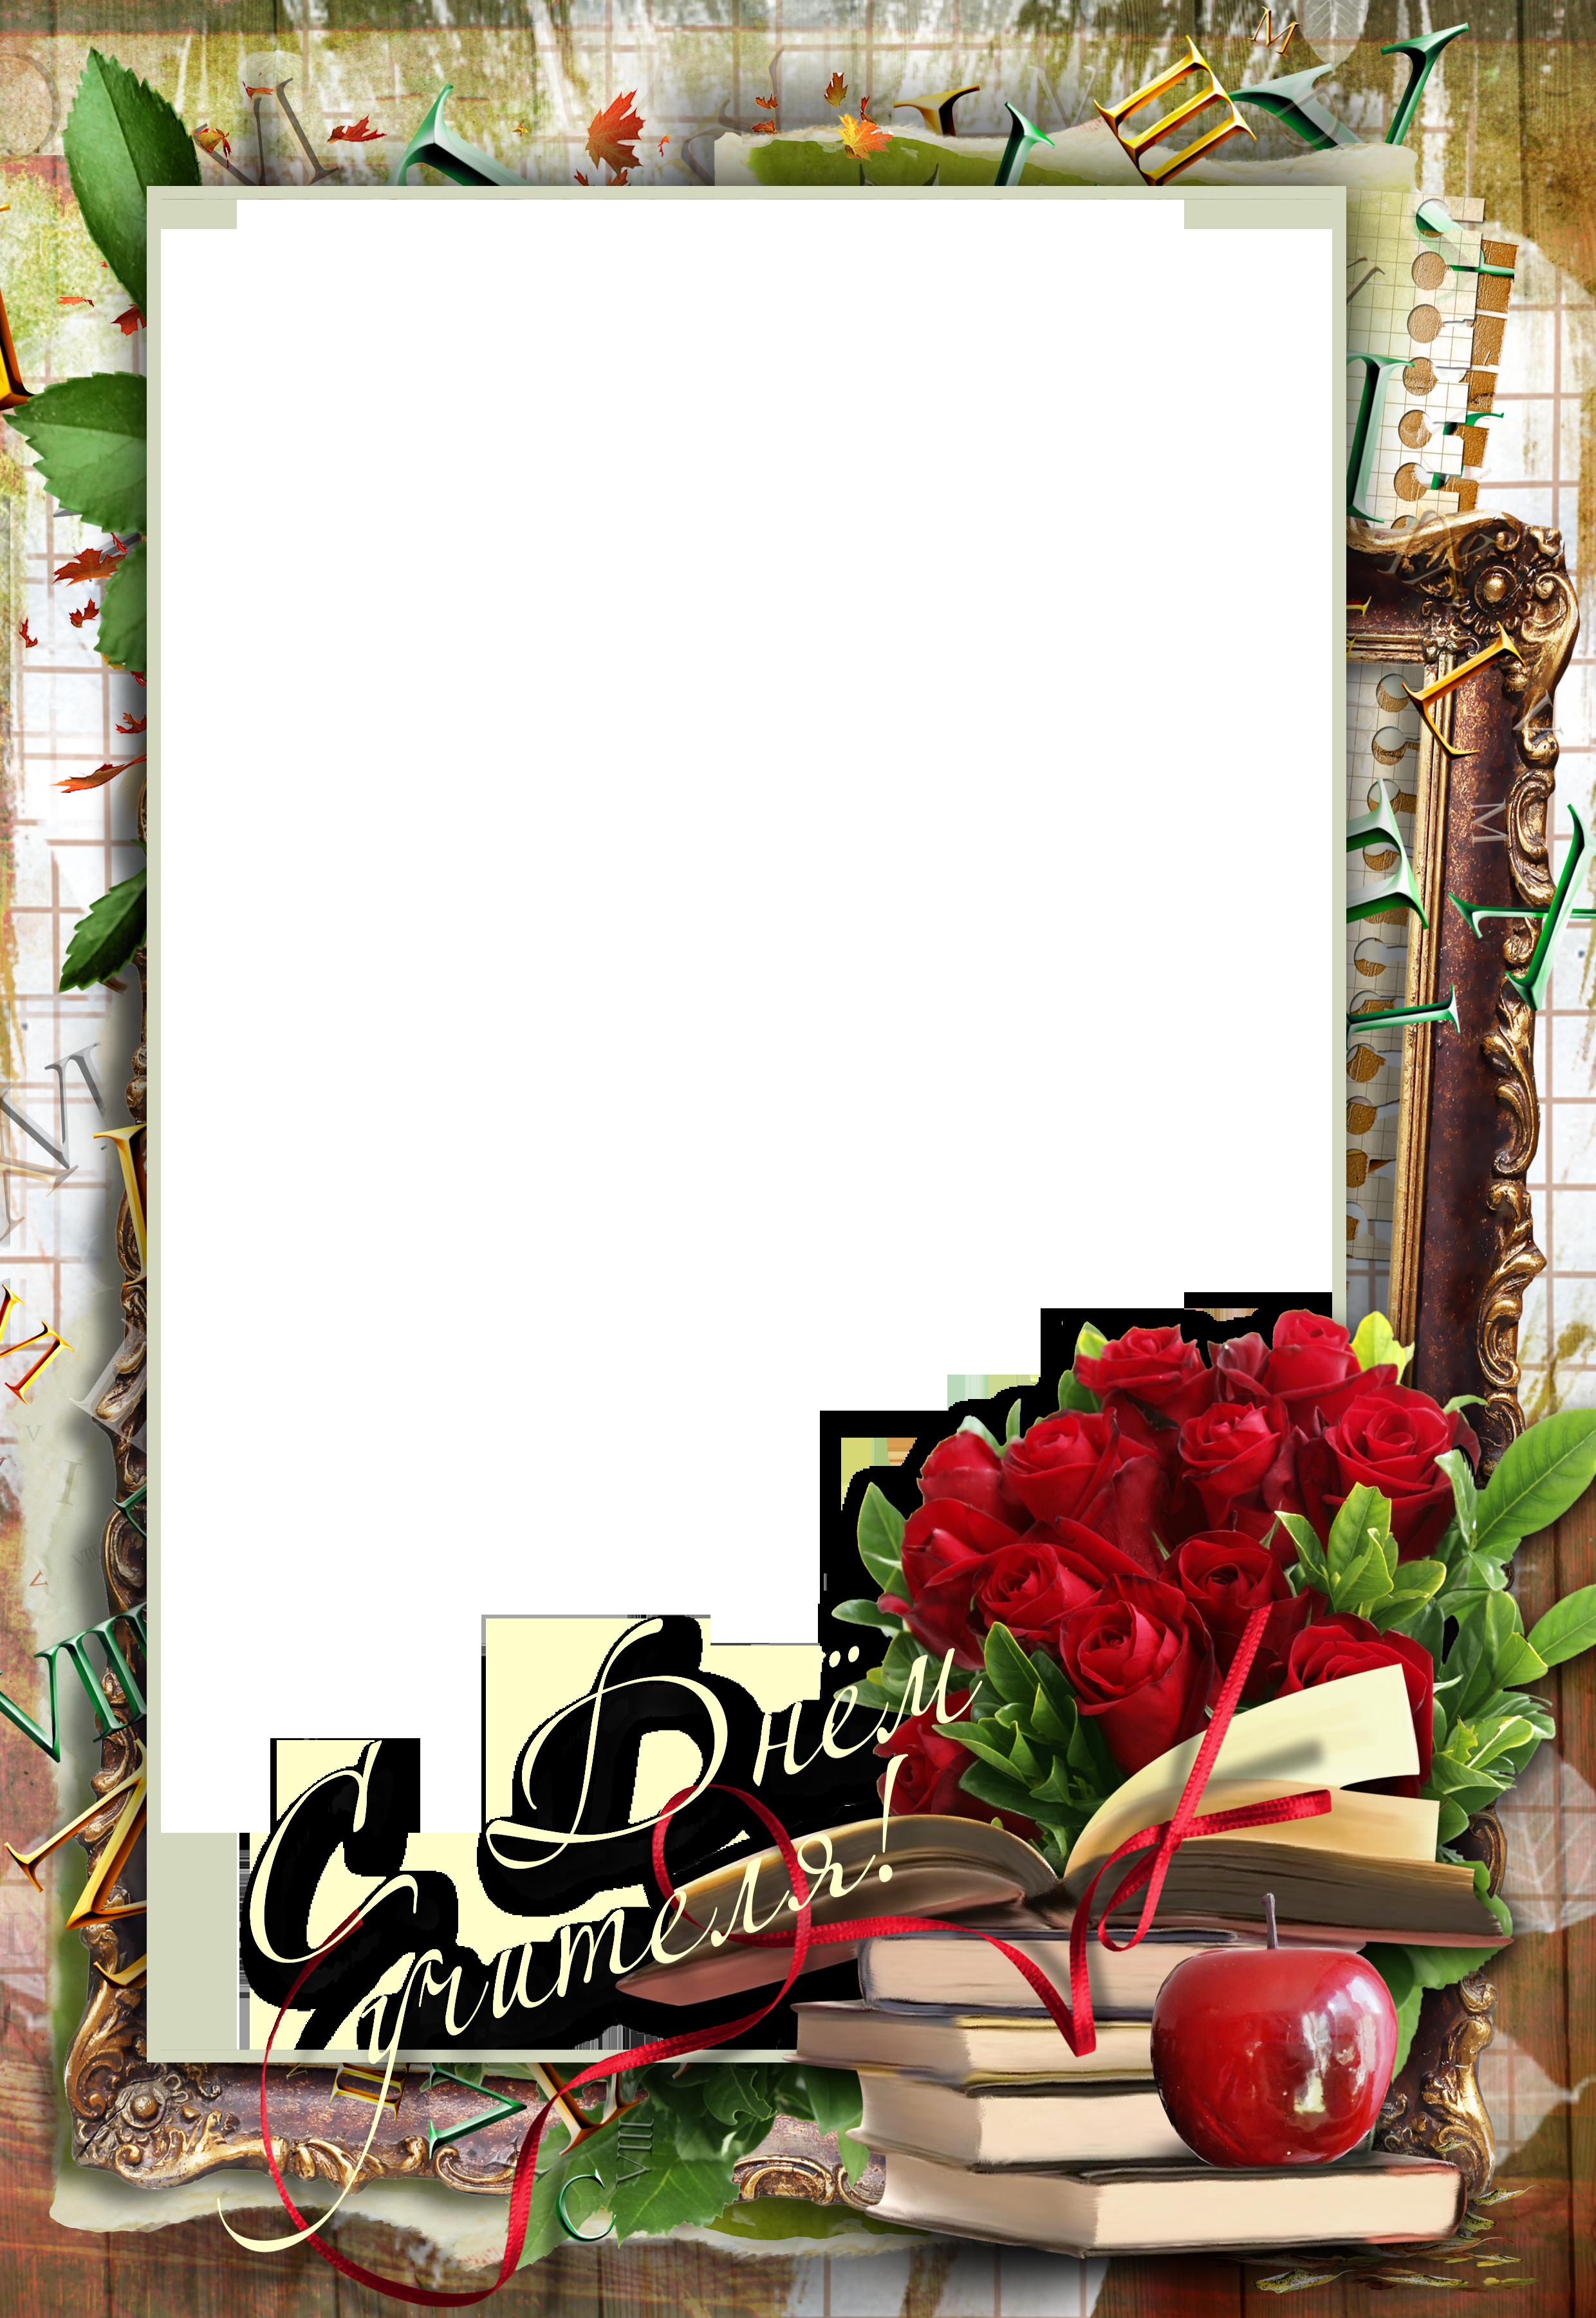 Гифка, открытка для фотошопа ко дню учителя